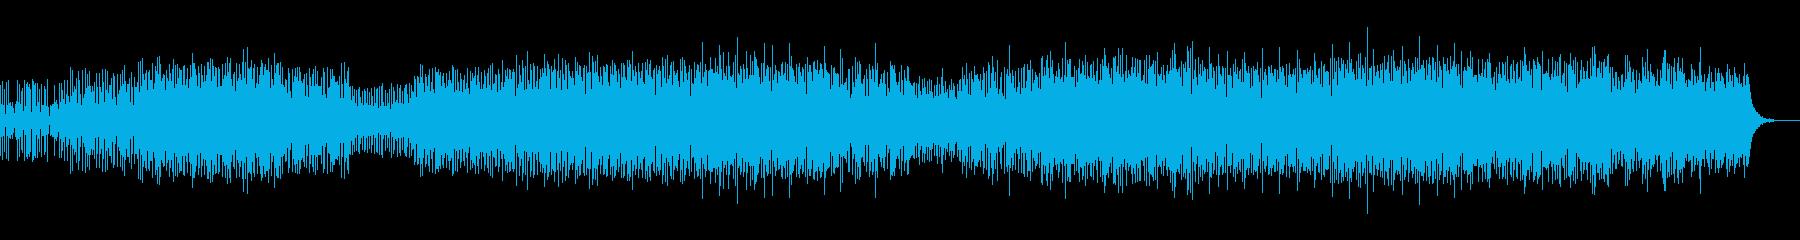 激しいフィルインが持続する幻想的なテクノの再生済みの波形